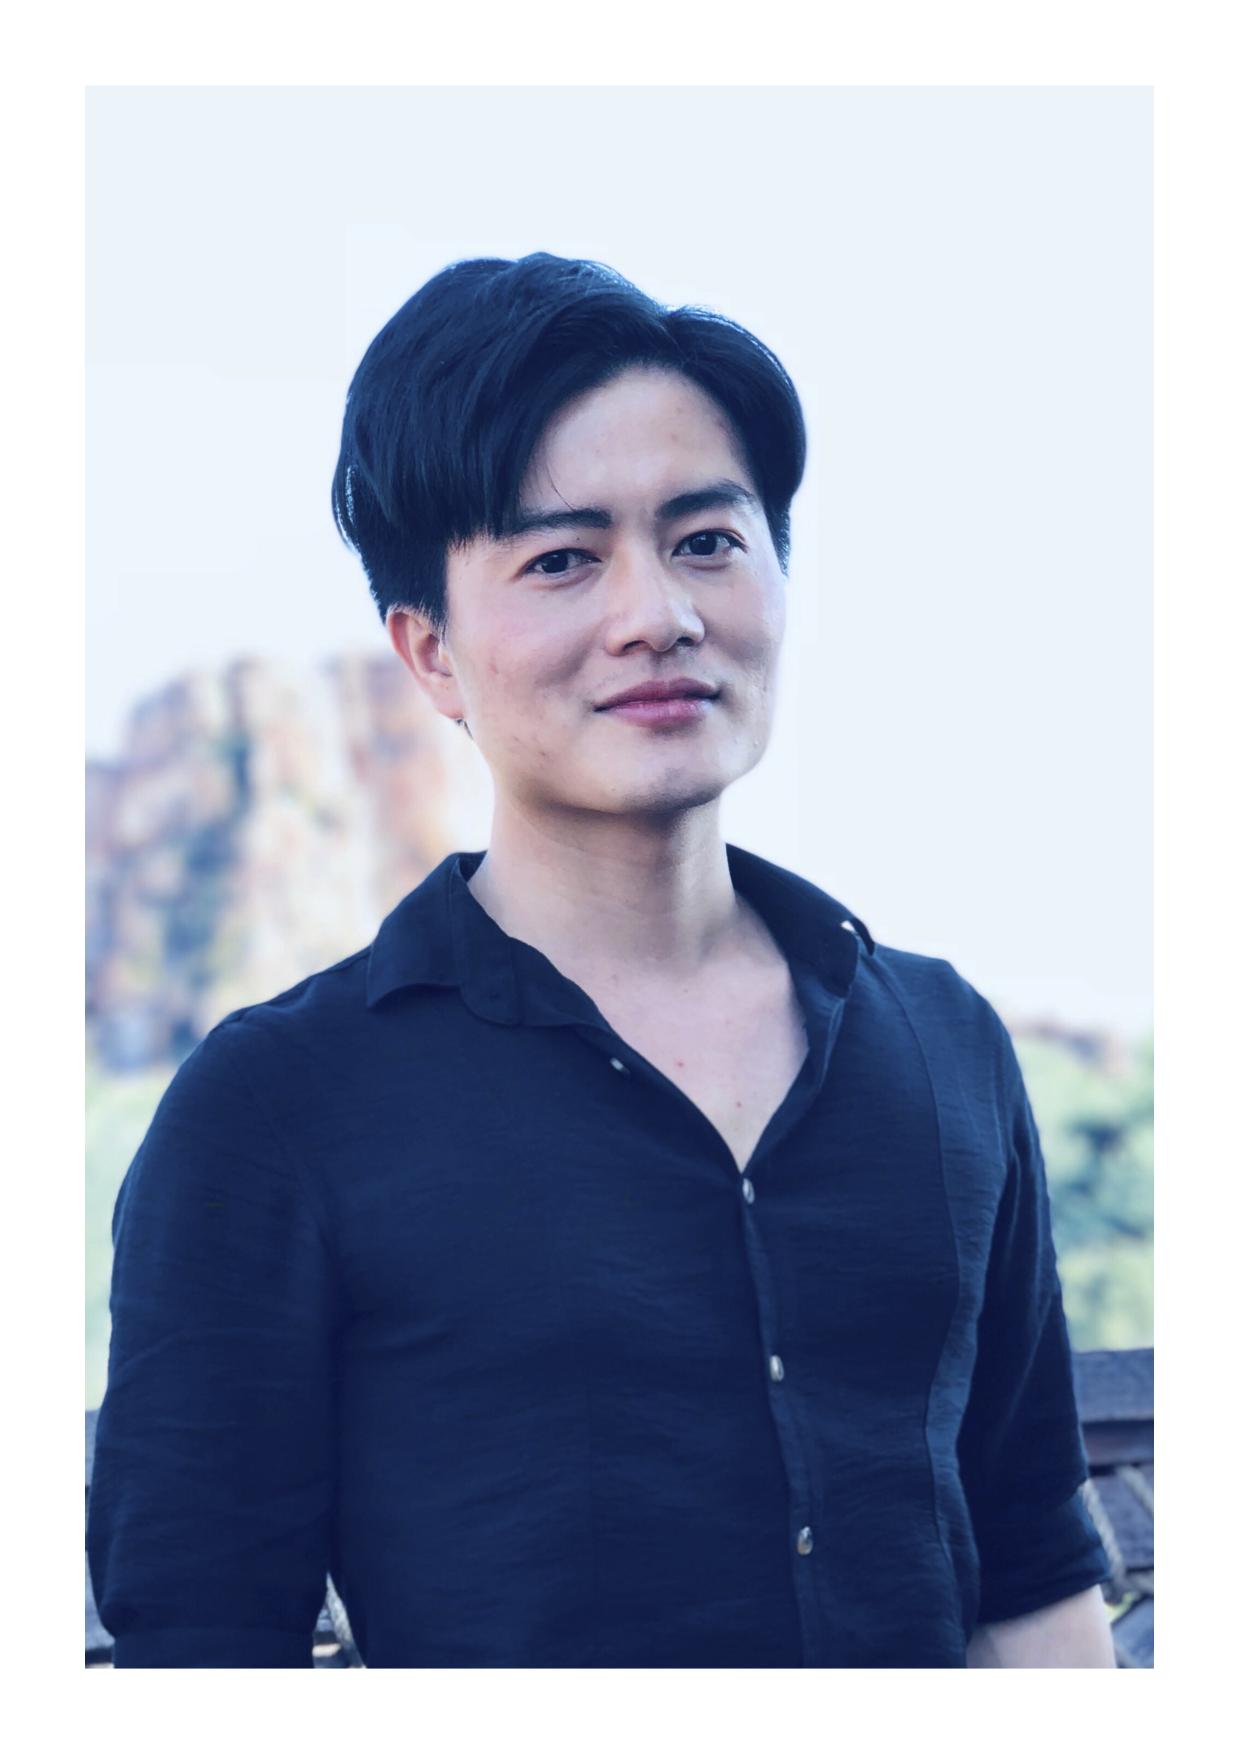 Yucheng Liang